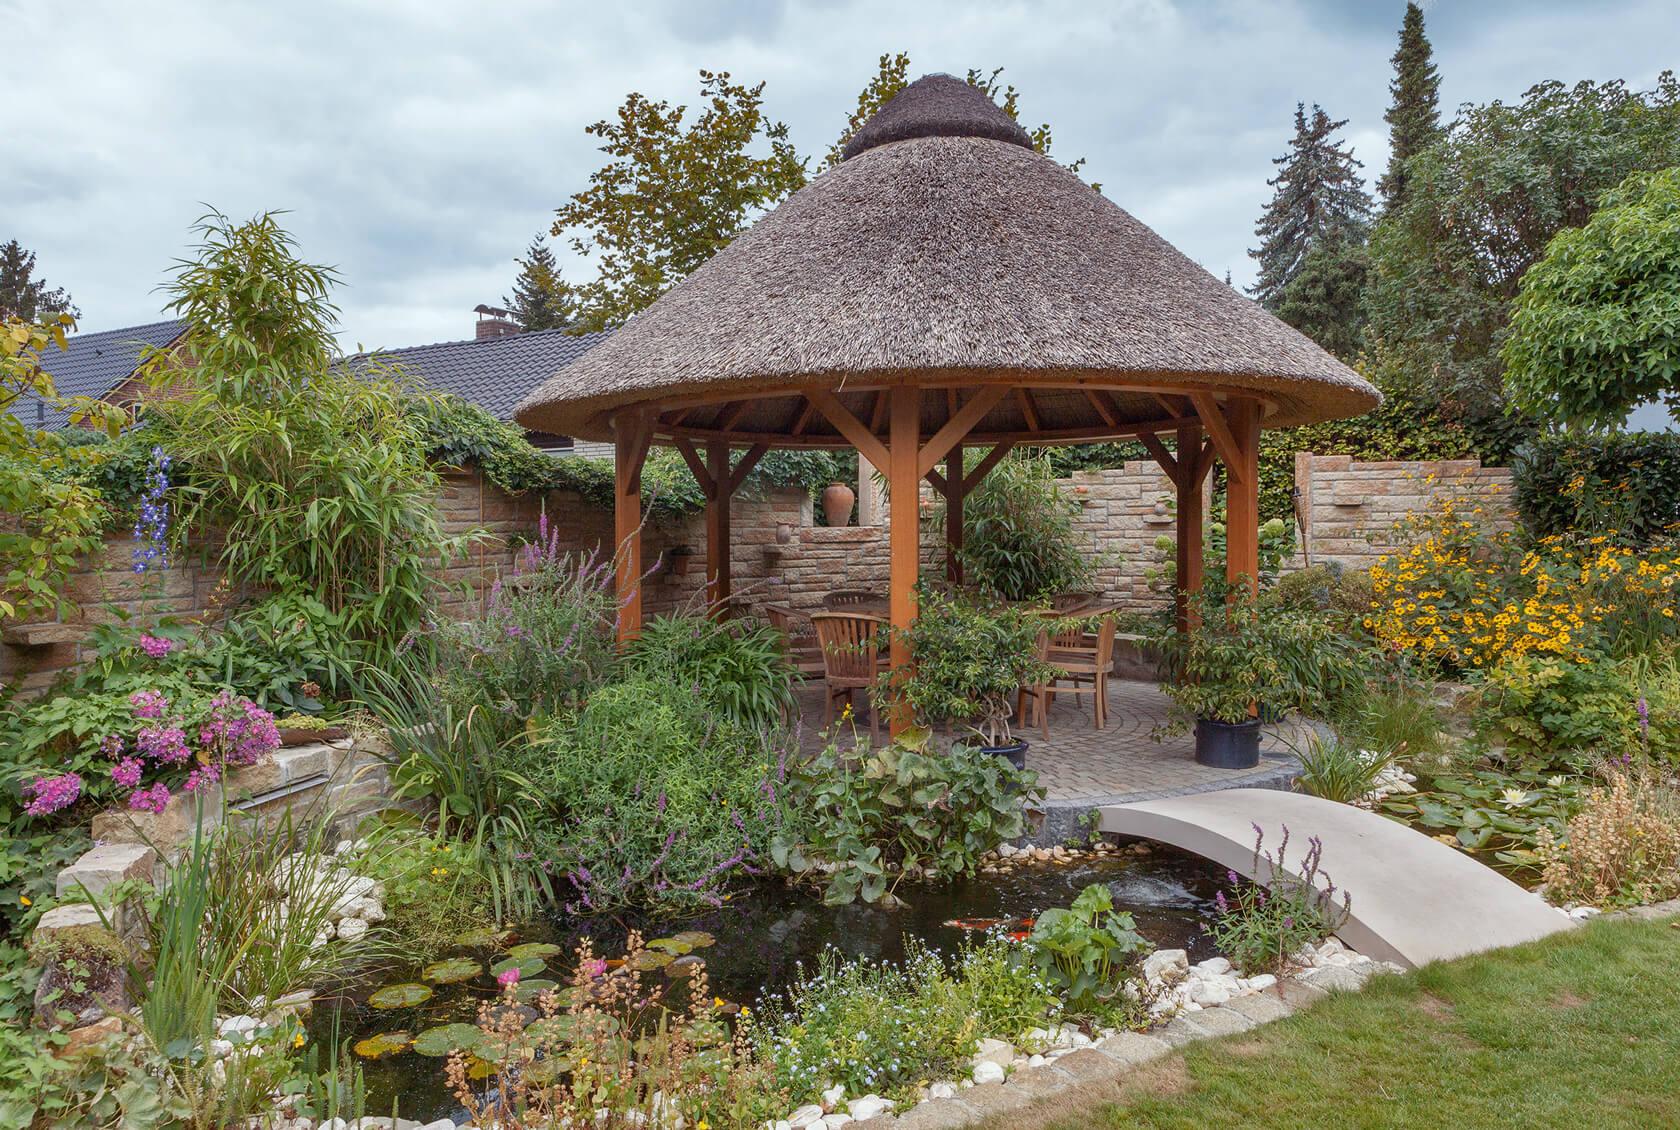 Naturnahe Gartengestaltung mit vielen Pflanzen und einem kleinen Teich. Die runde Pergola mit Strohdach fügt sich harmonisch ins Bild ein.